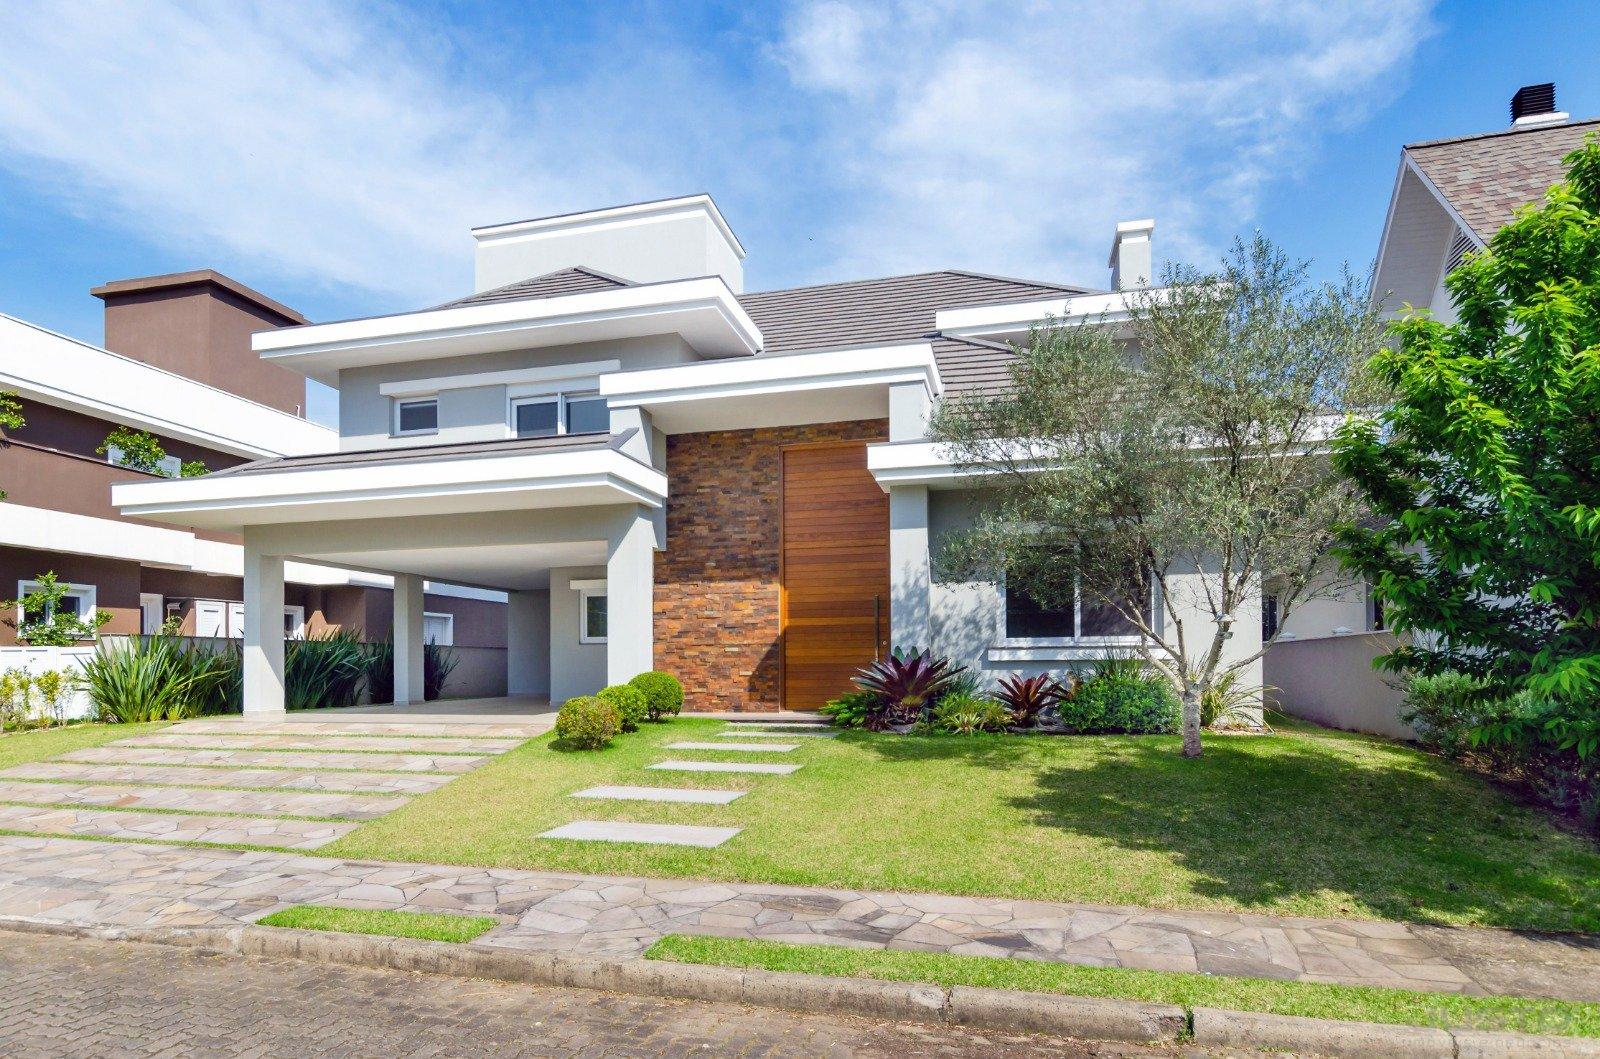 Casa em Condomínio Pinheiro São Leopoldo